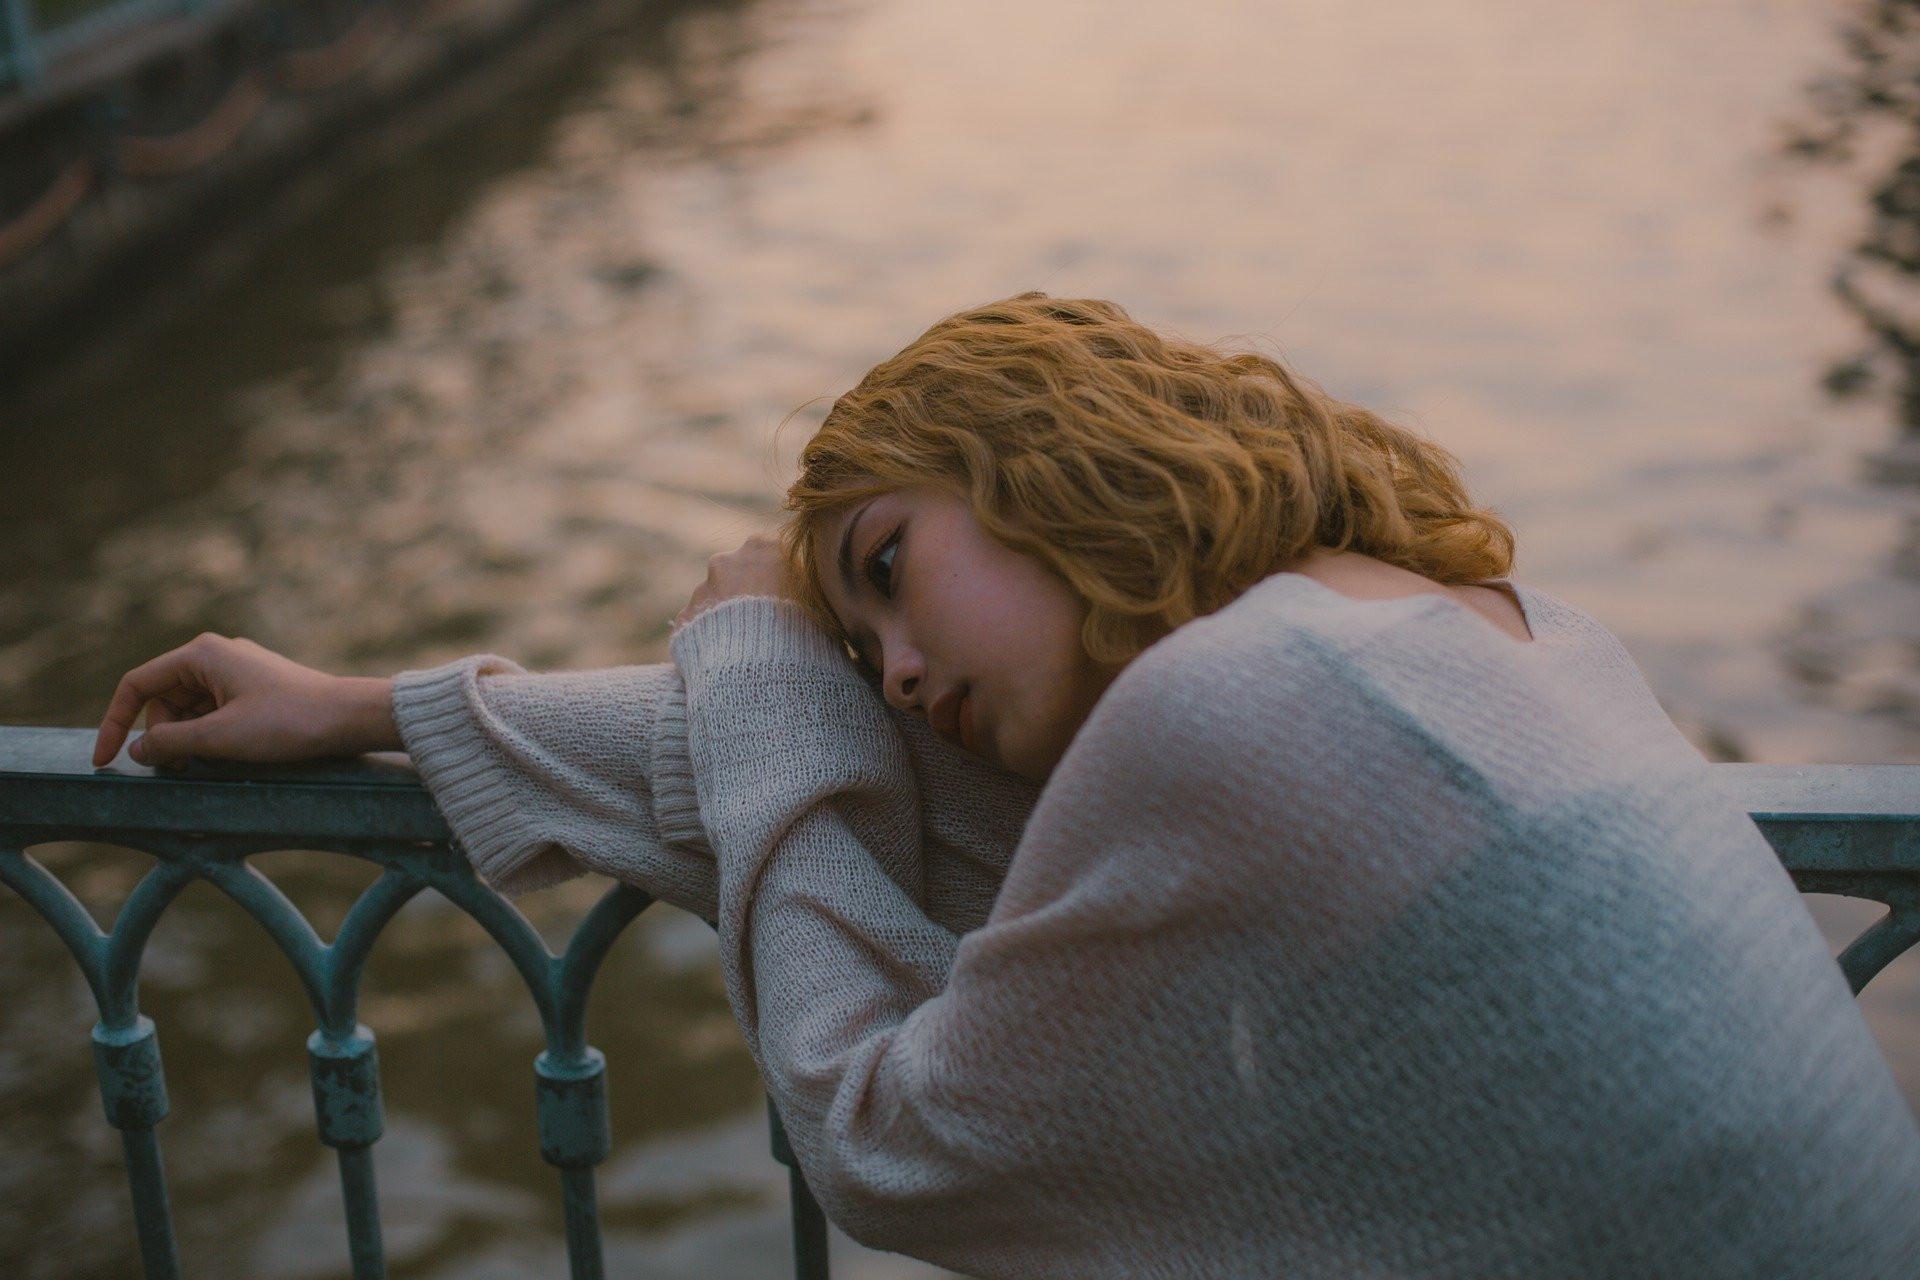 Timbulkan Masalah Jantung, Ini 4 Deretan Masalah Kesehatan Akibat Putus Cinta - JPNN.com